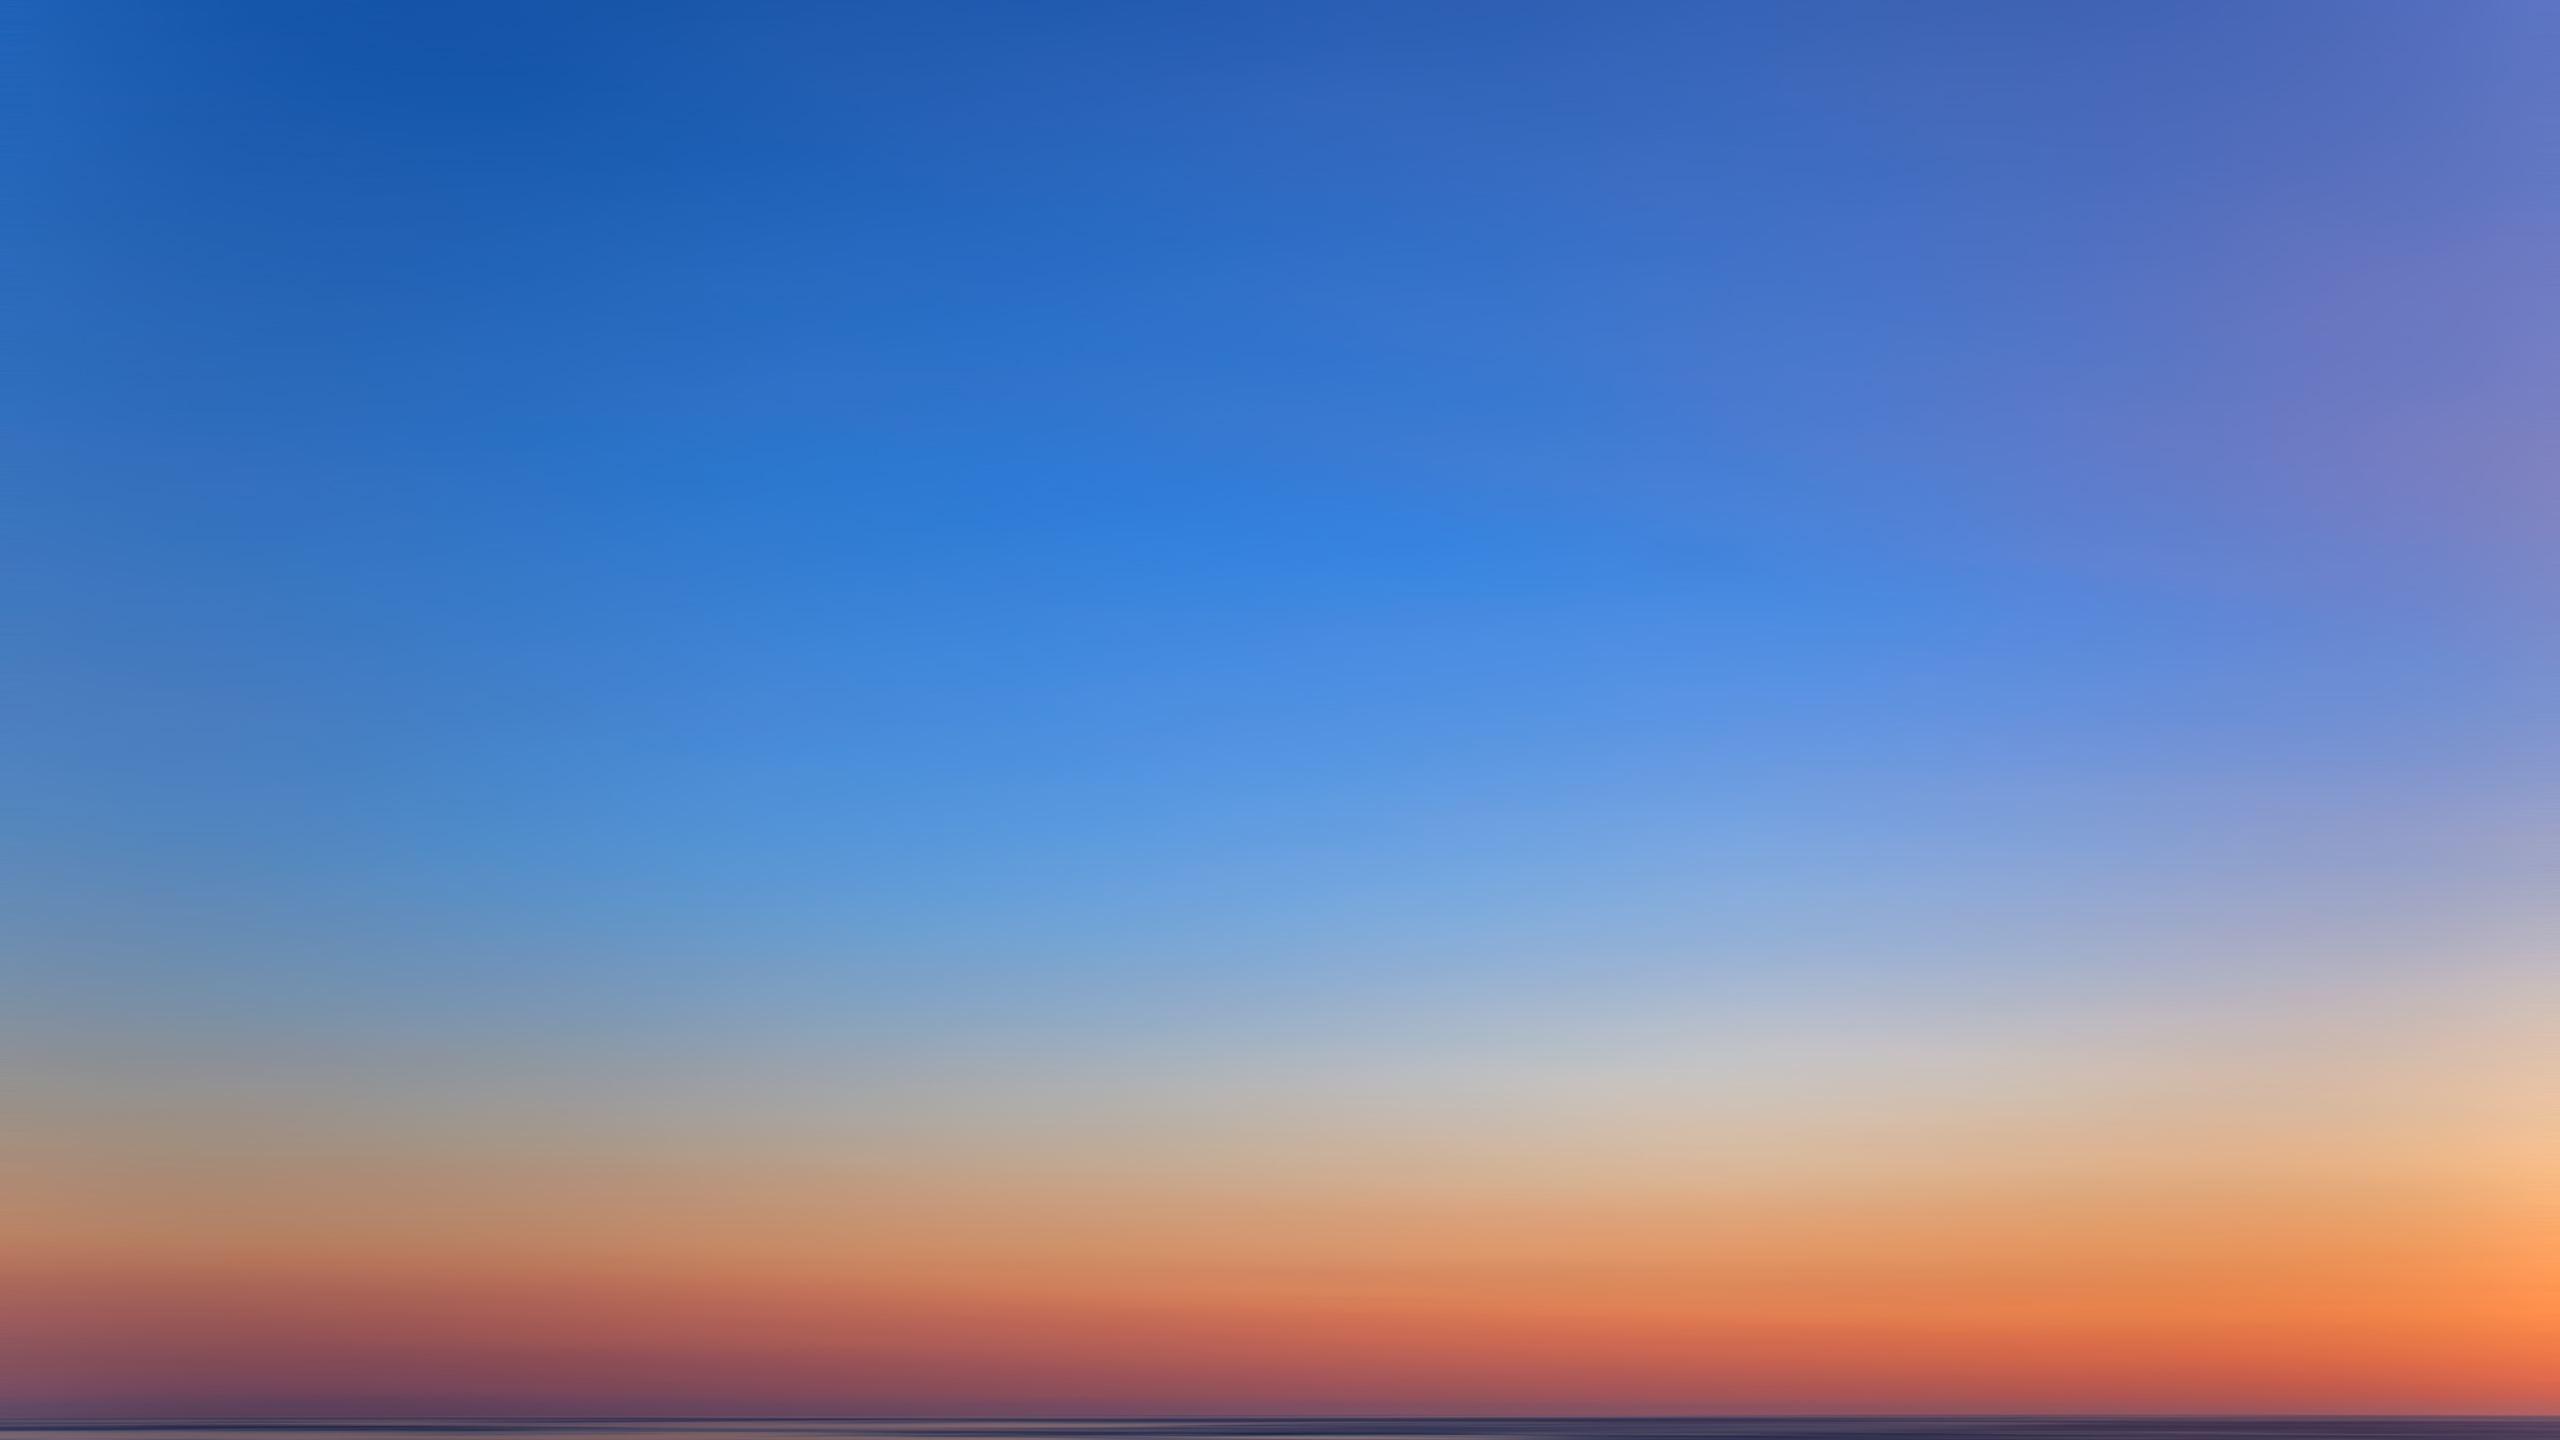 Ảnh background bầu trời đơn giản